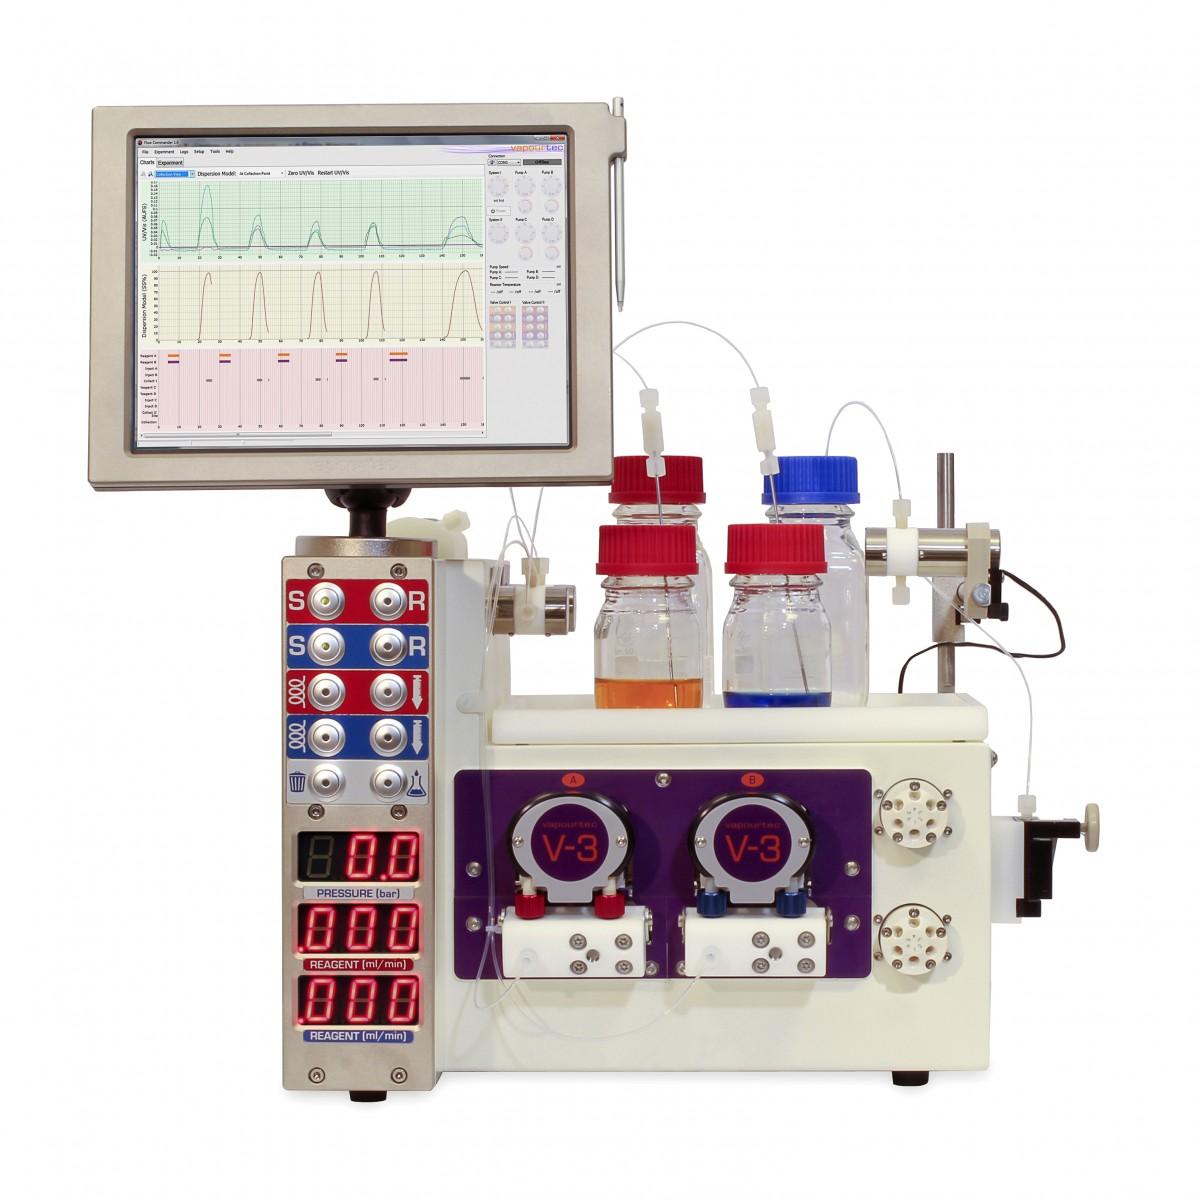 Vapourtec-R2S-slurry-flow-chemistry-pump-module